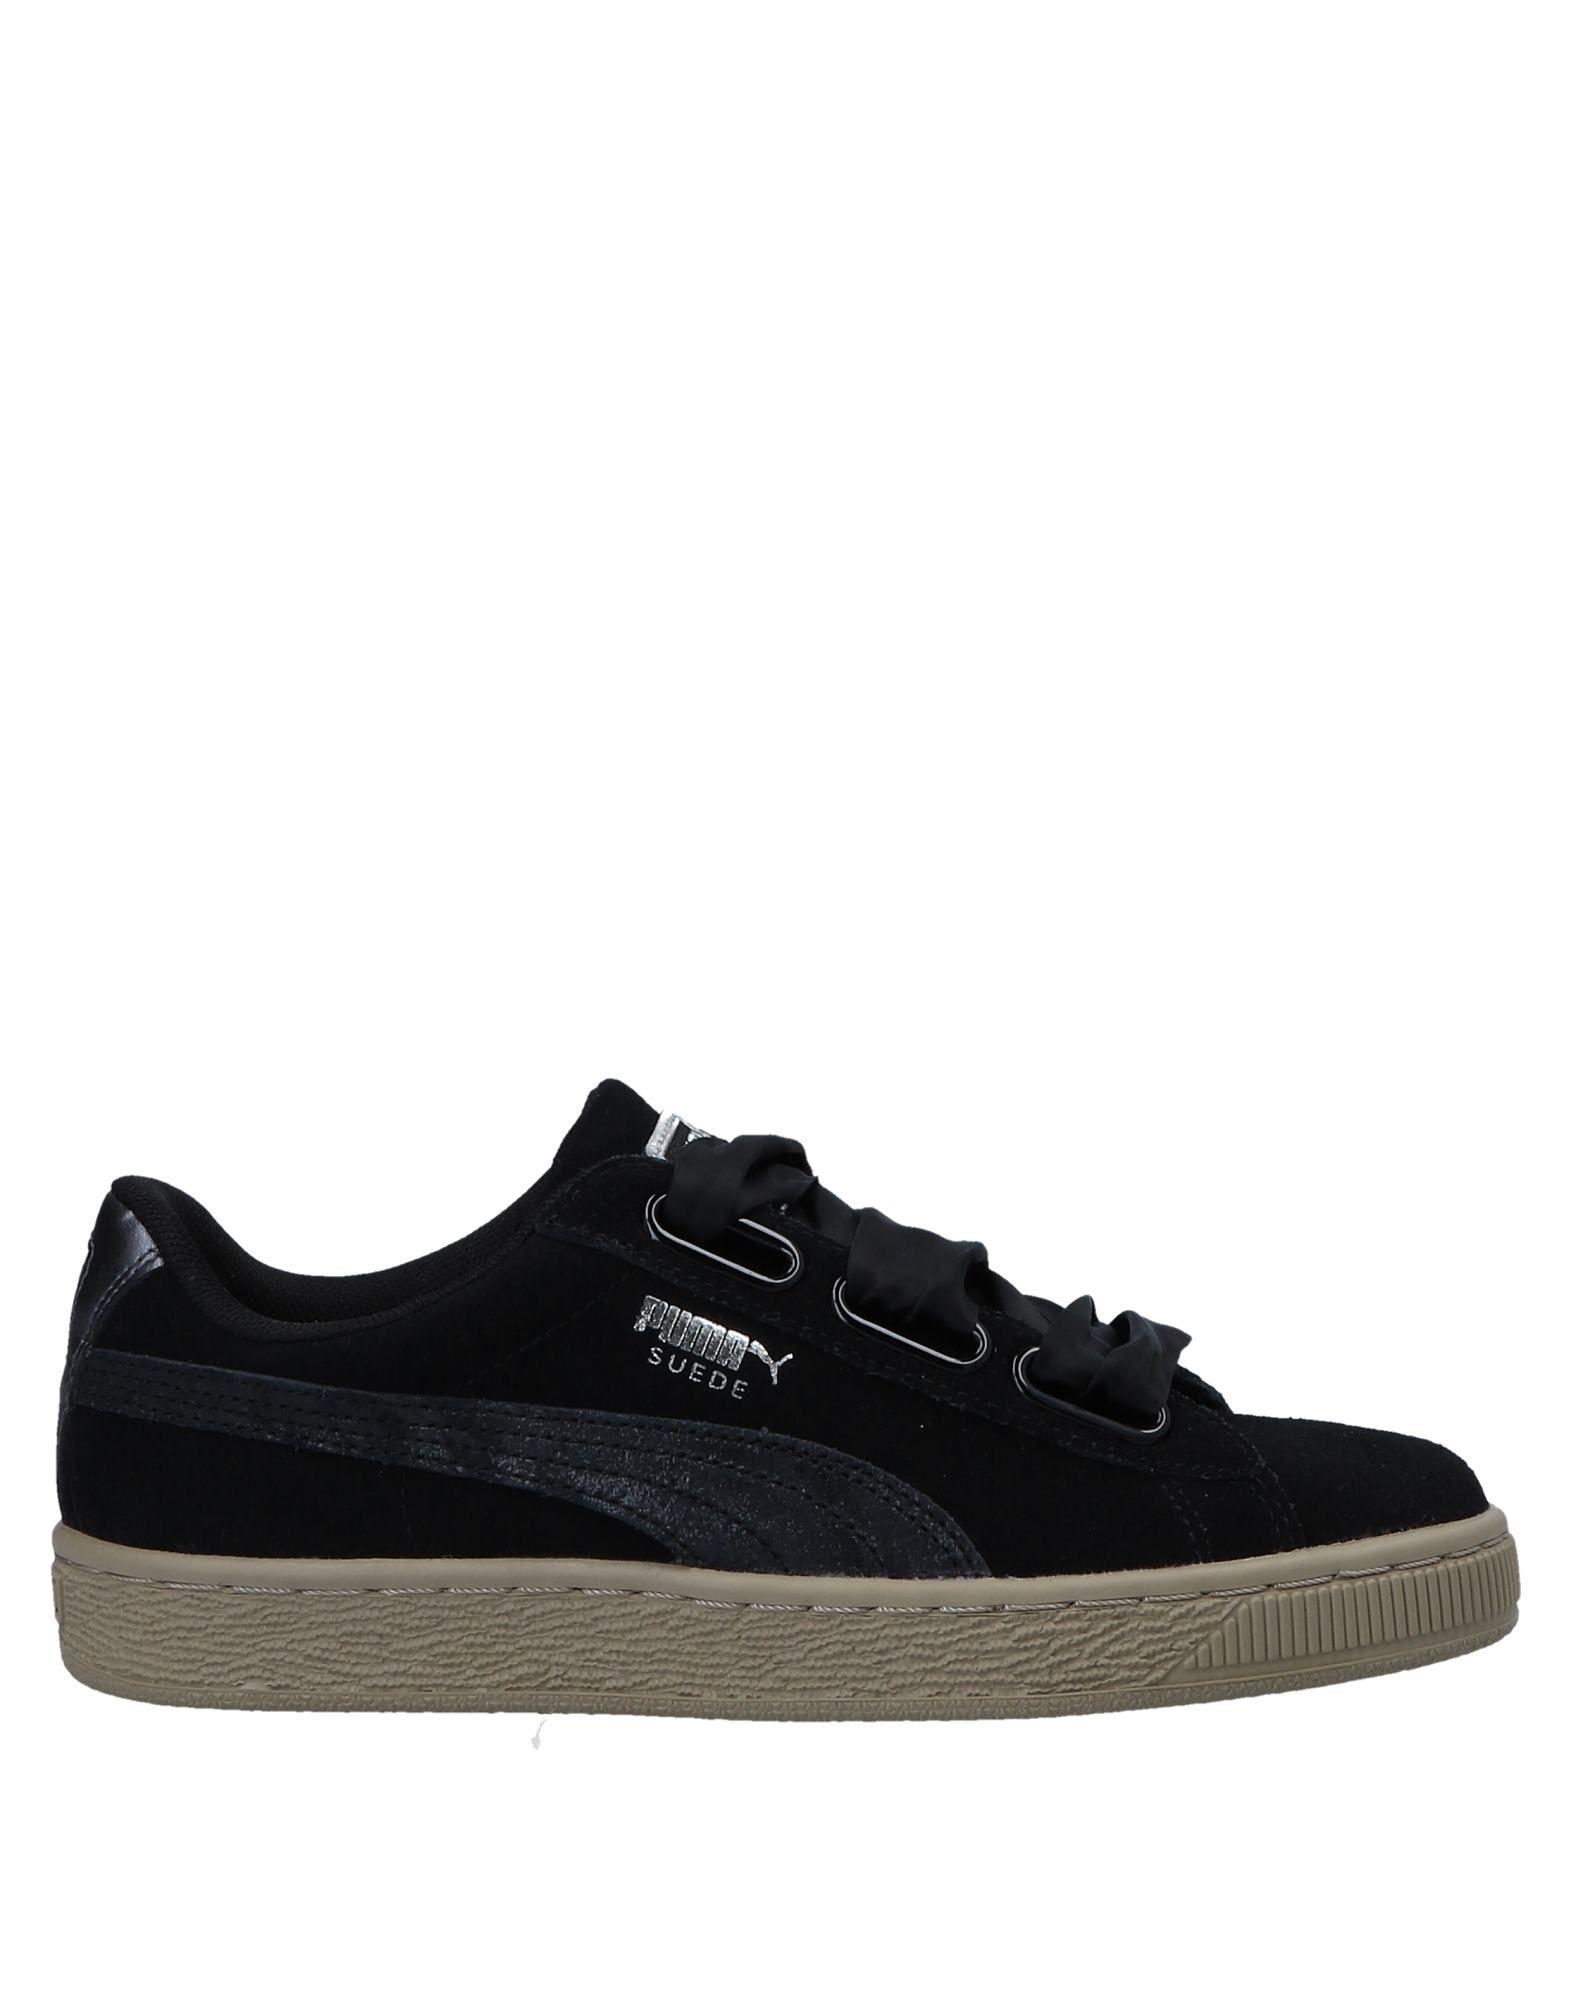 Puma Sneakers - Women  Puma Sneakers online on  Women Australia - 11558145SP 493071